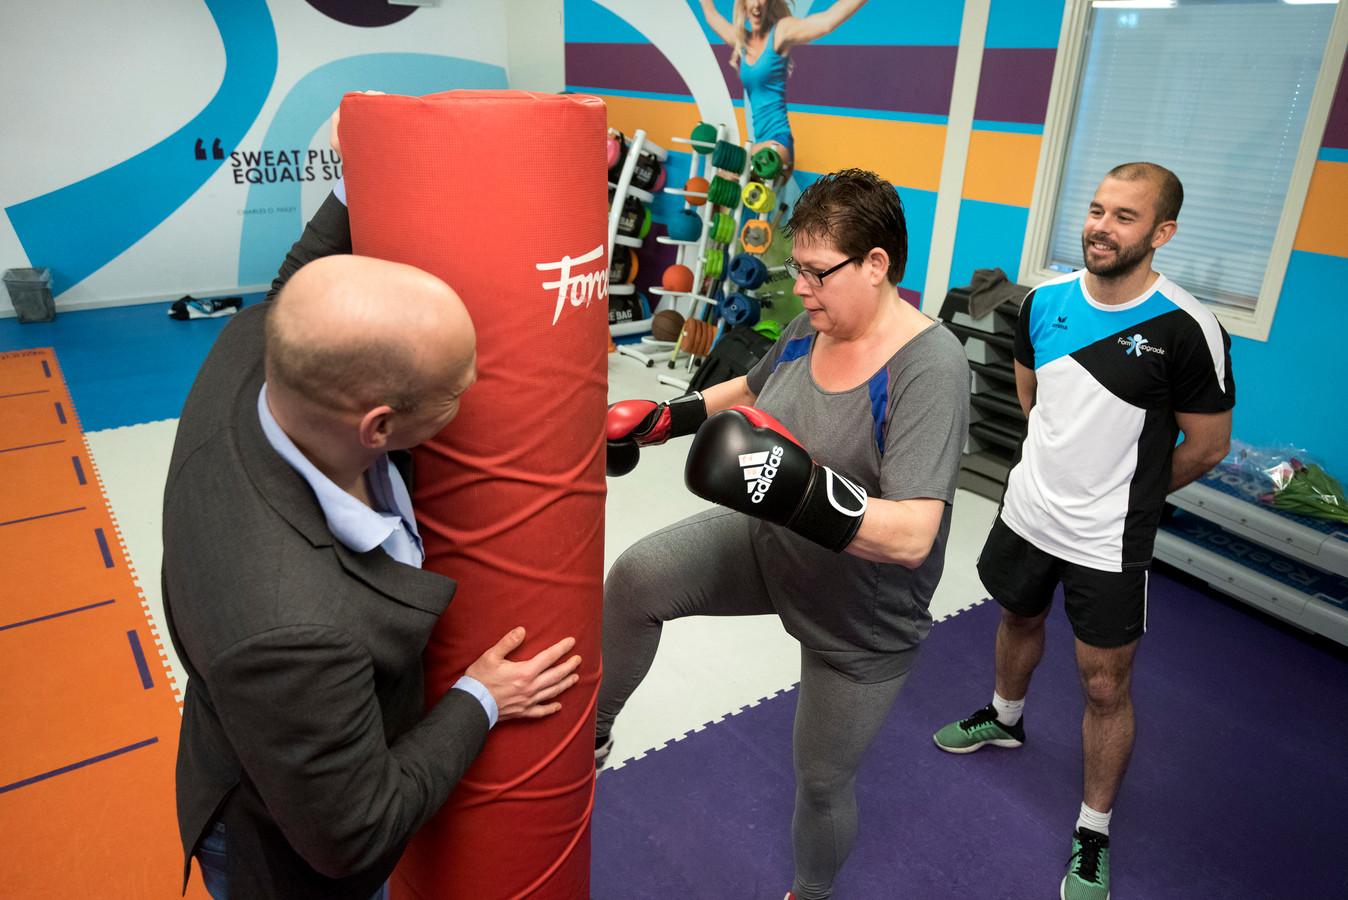 Lenie Polman geeft de bokszak een knietje bij X Fittt. Thomas Verheij moedigt aan, wethouder Gerrie Elfrink houdt de bokzak vast.